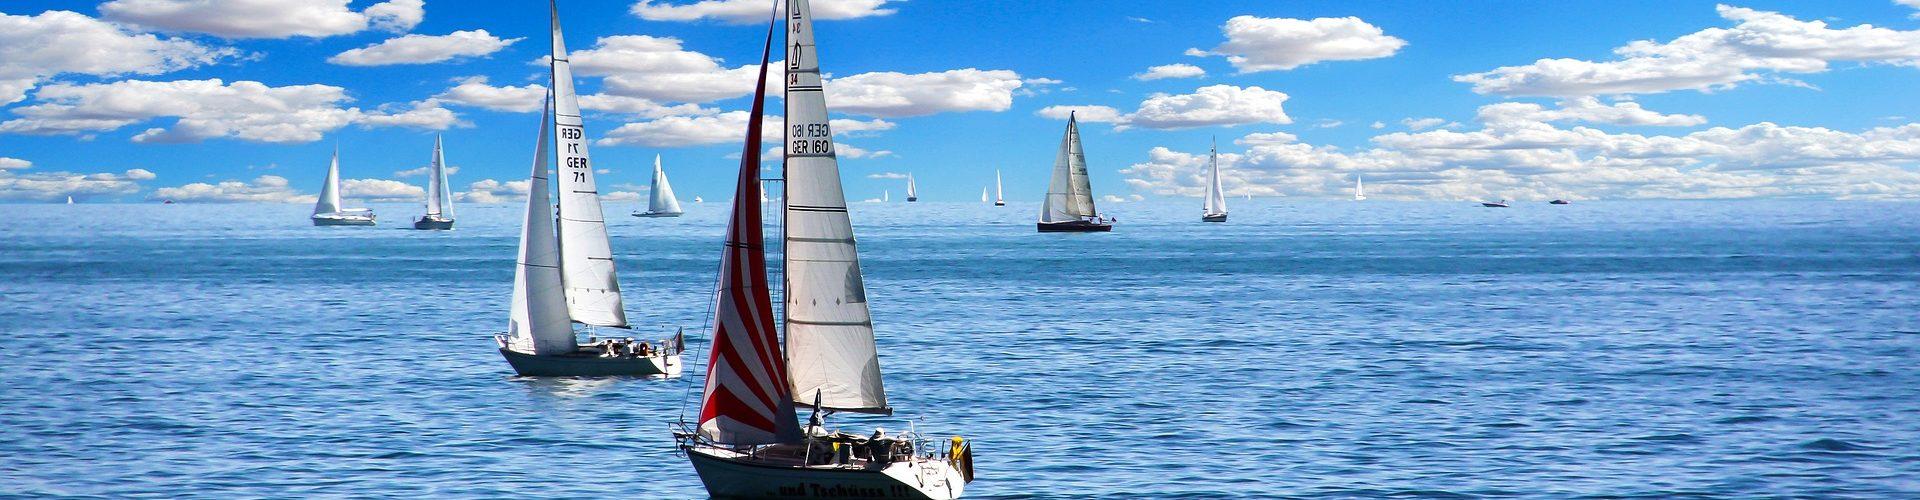 segeln lernen in Niedernberg segelschein machen in Niedernberg 1920x500 - Segeln lernen in Niedernberg